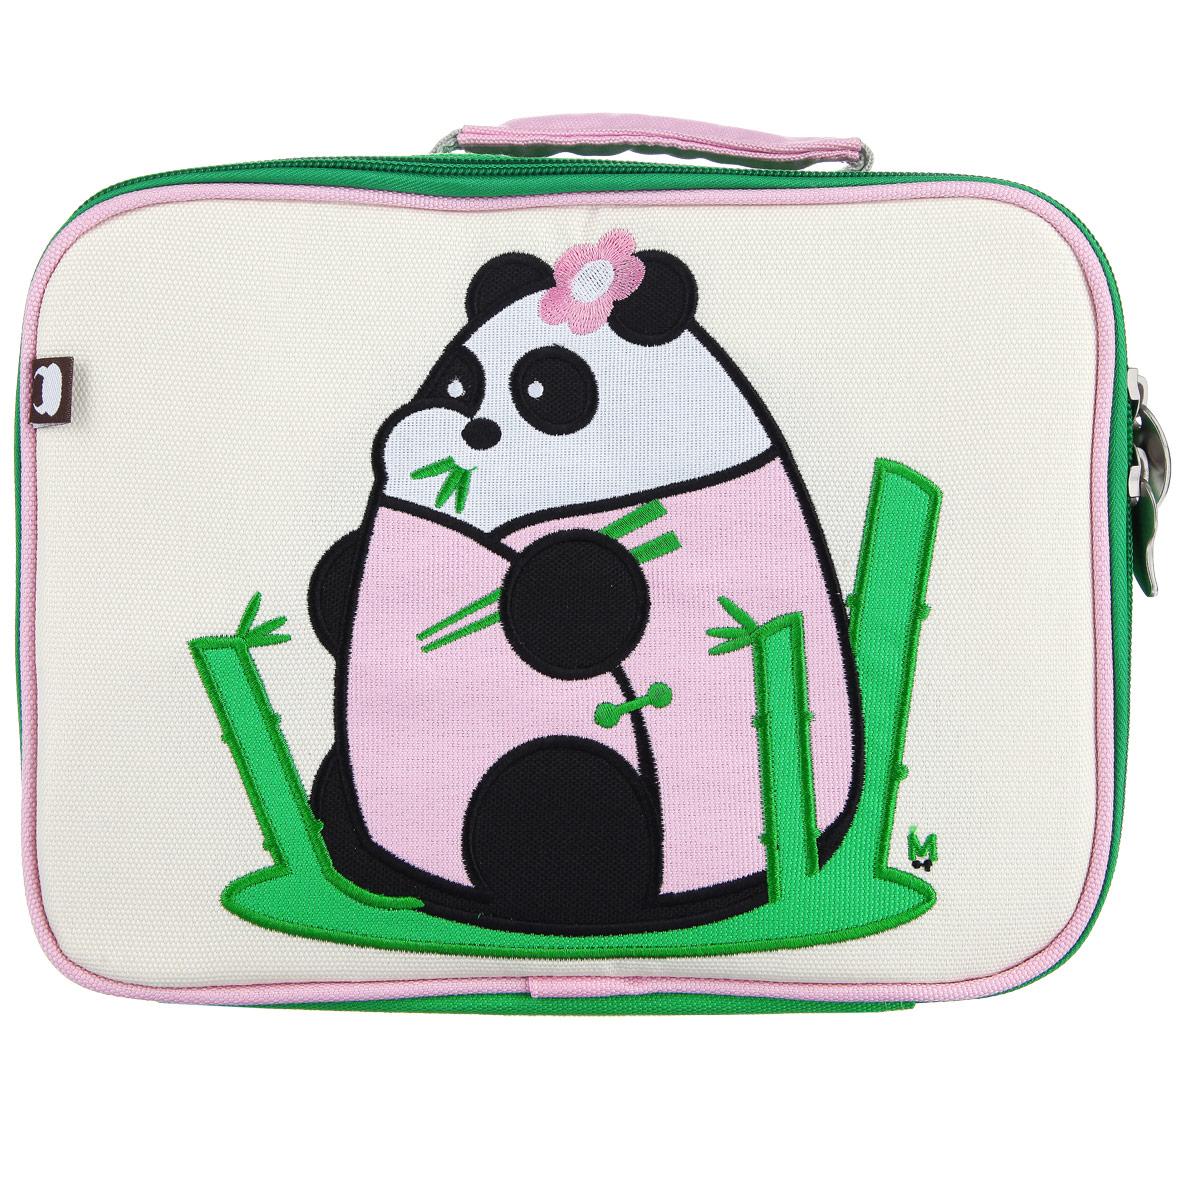 Ланч-Бокс Fei - Fei, цвет: зеленый, розовый, бежевыйLB-6430-04Превосходный ланч-бокс с вышитым принтом отлично сохранит завтрак для вашего ребёнка. Модель закрывается на застежку-молнию. Сумка сделана из прочного нейлона, который не рвется и стирается в стиральной машинке. На внутренней стороне находится карман на застежке-молнии и именной ярлычок. Внутренняя часть сумки покрыта водонепроницаемым покрытием.